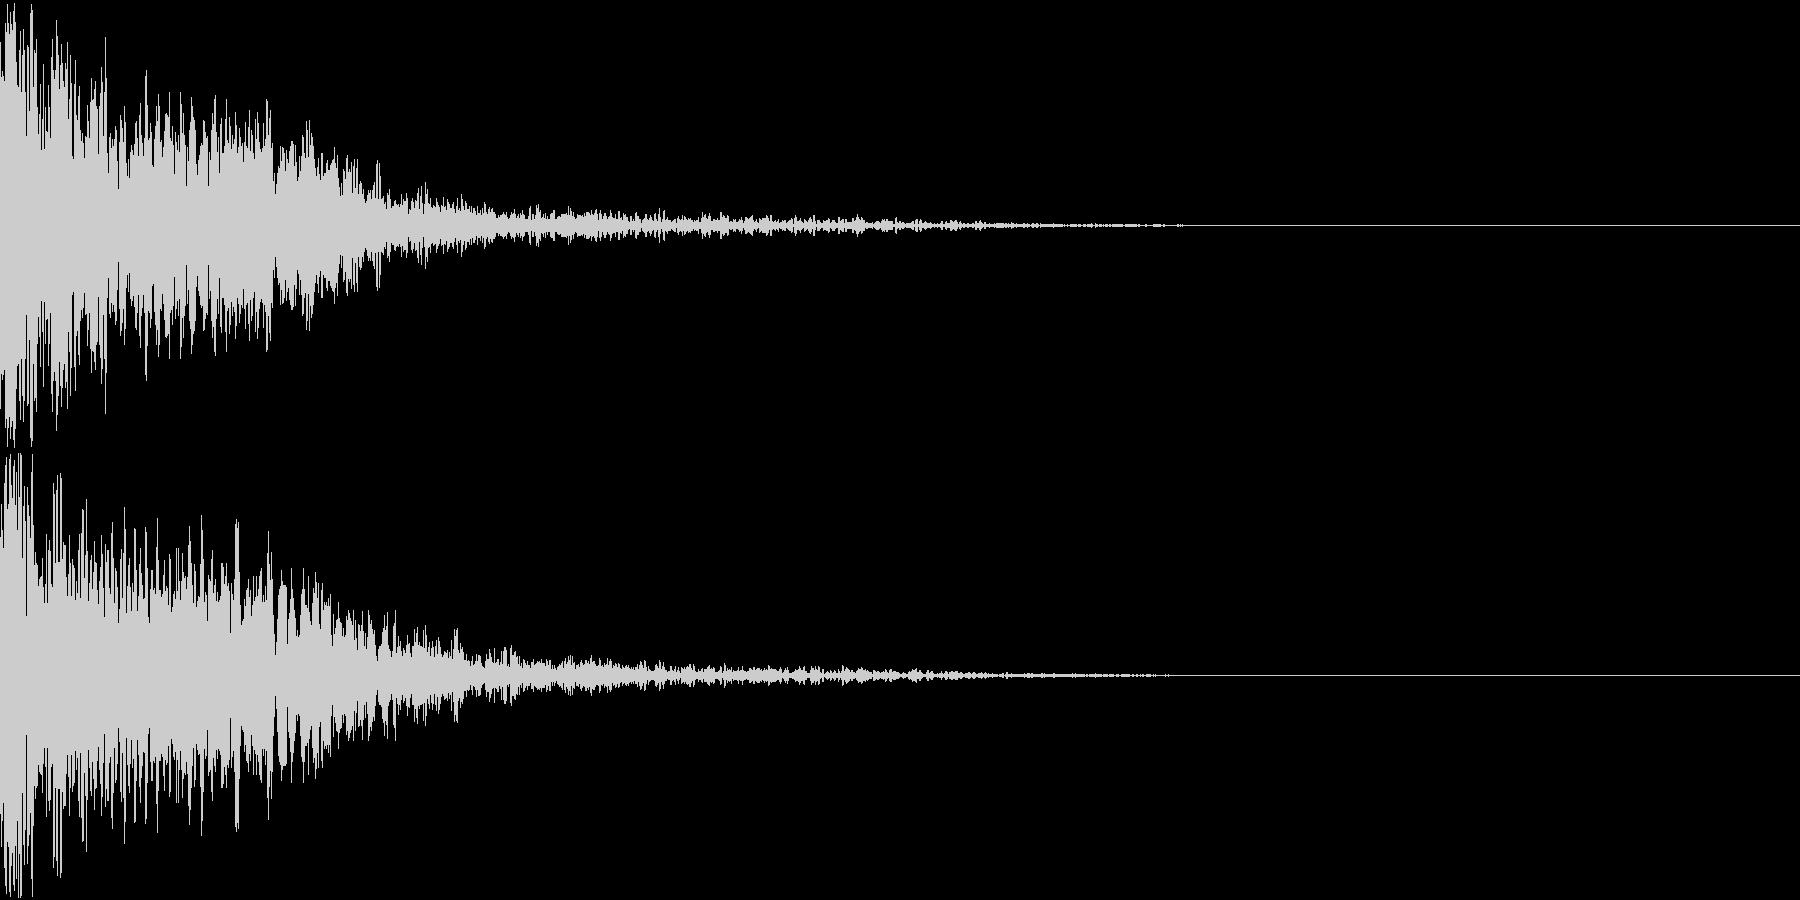 ロボット 合体 ガシーン キュイン 09の未再生の波形